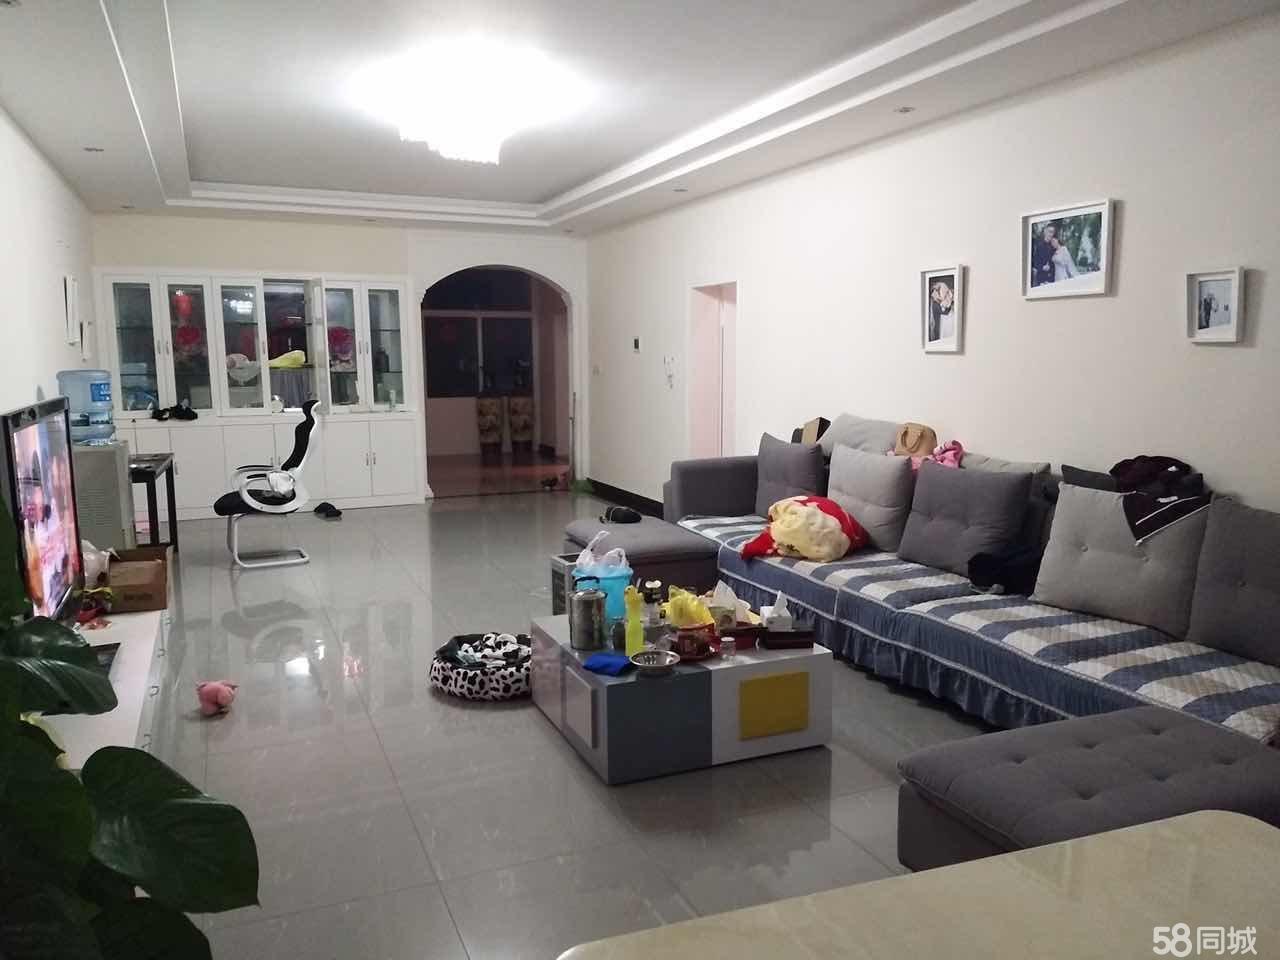 澳门拉斯维加斯网址县文化广场(广场宾馆旁边)3室2厅2卫(包含家具